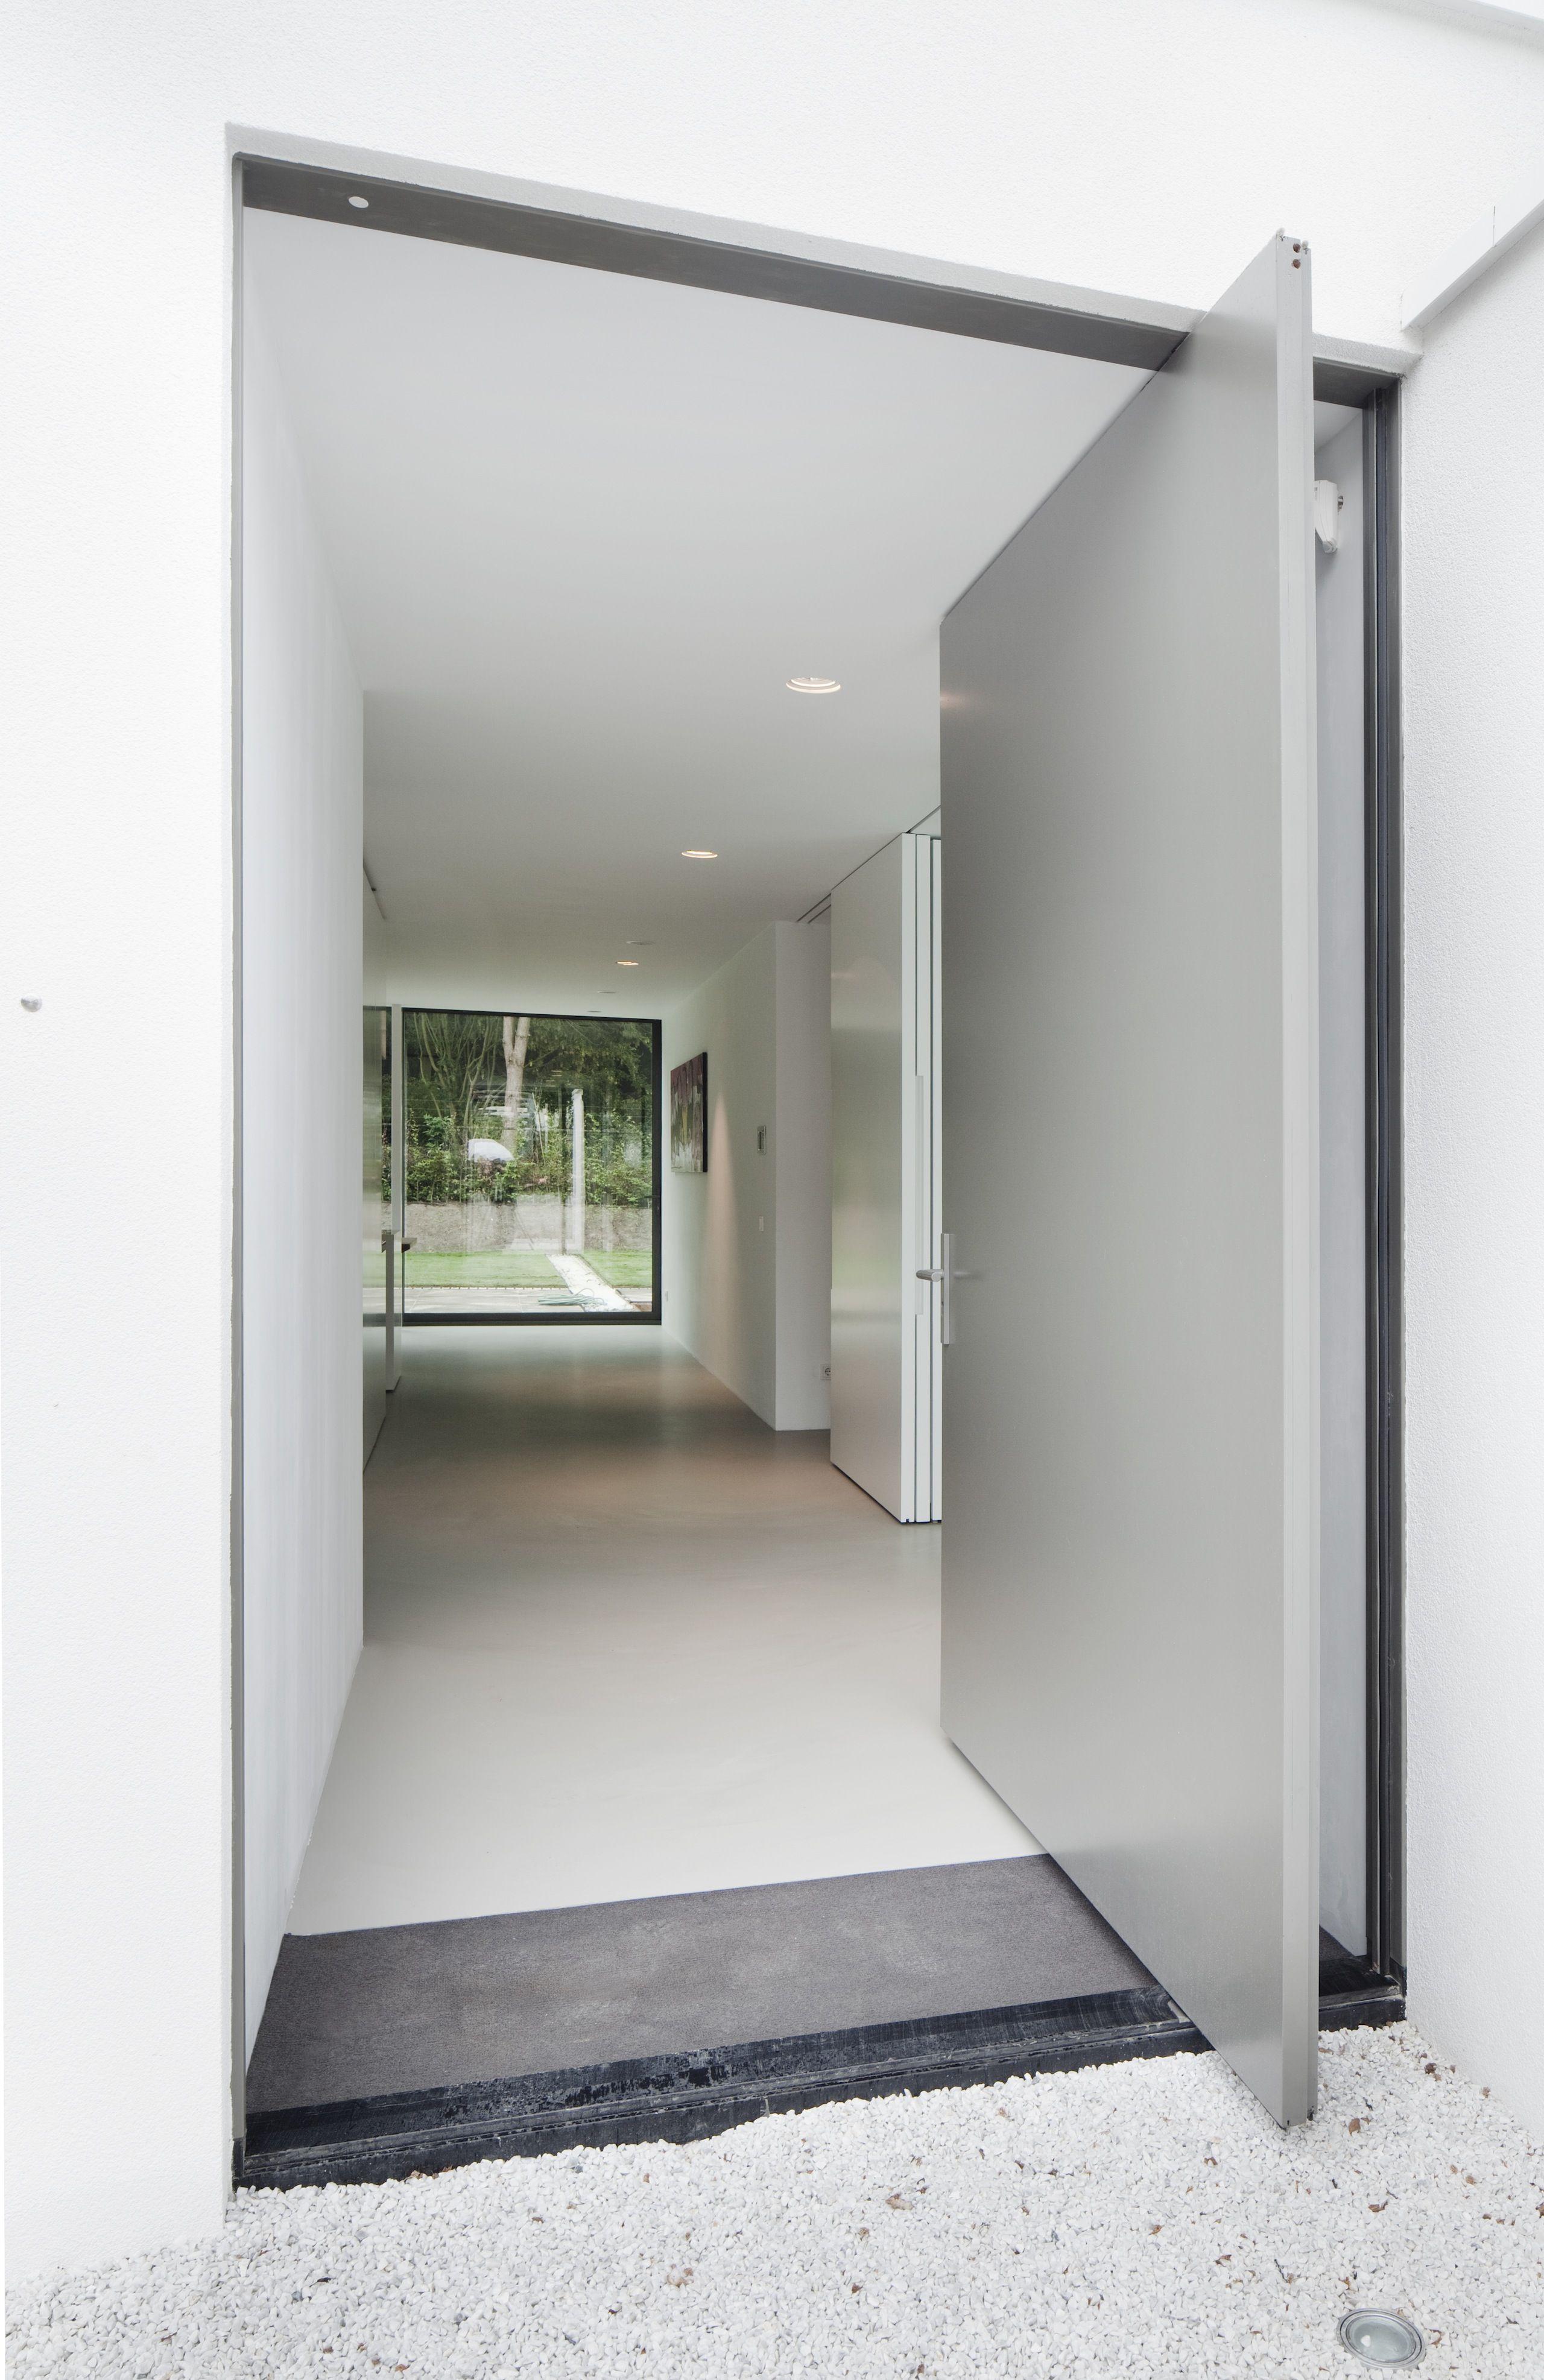 Haus außentor design pivotierende eingangstür  tür  pinterest  pivot doors door